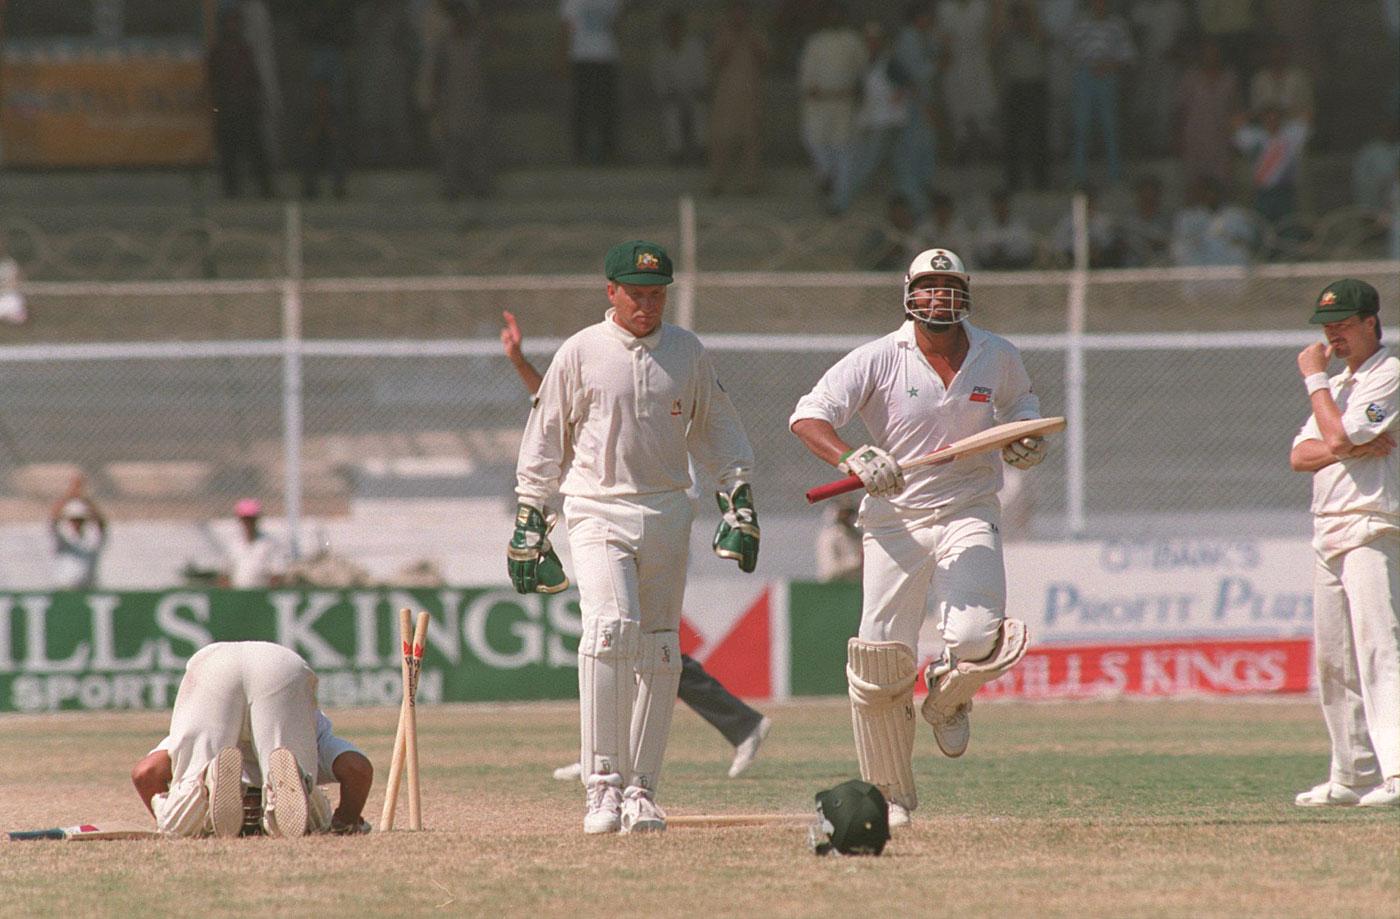 پاک-آسٹریلیا 1994ء کا کراچی ٹیسٹ، تاریخ کے یادگار ترین مقابلوں میں سے ایک